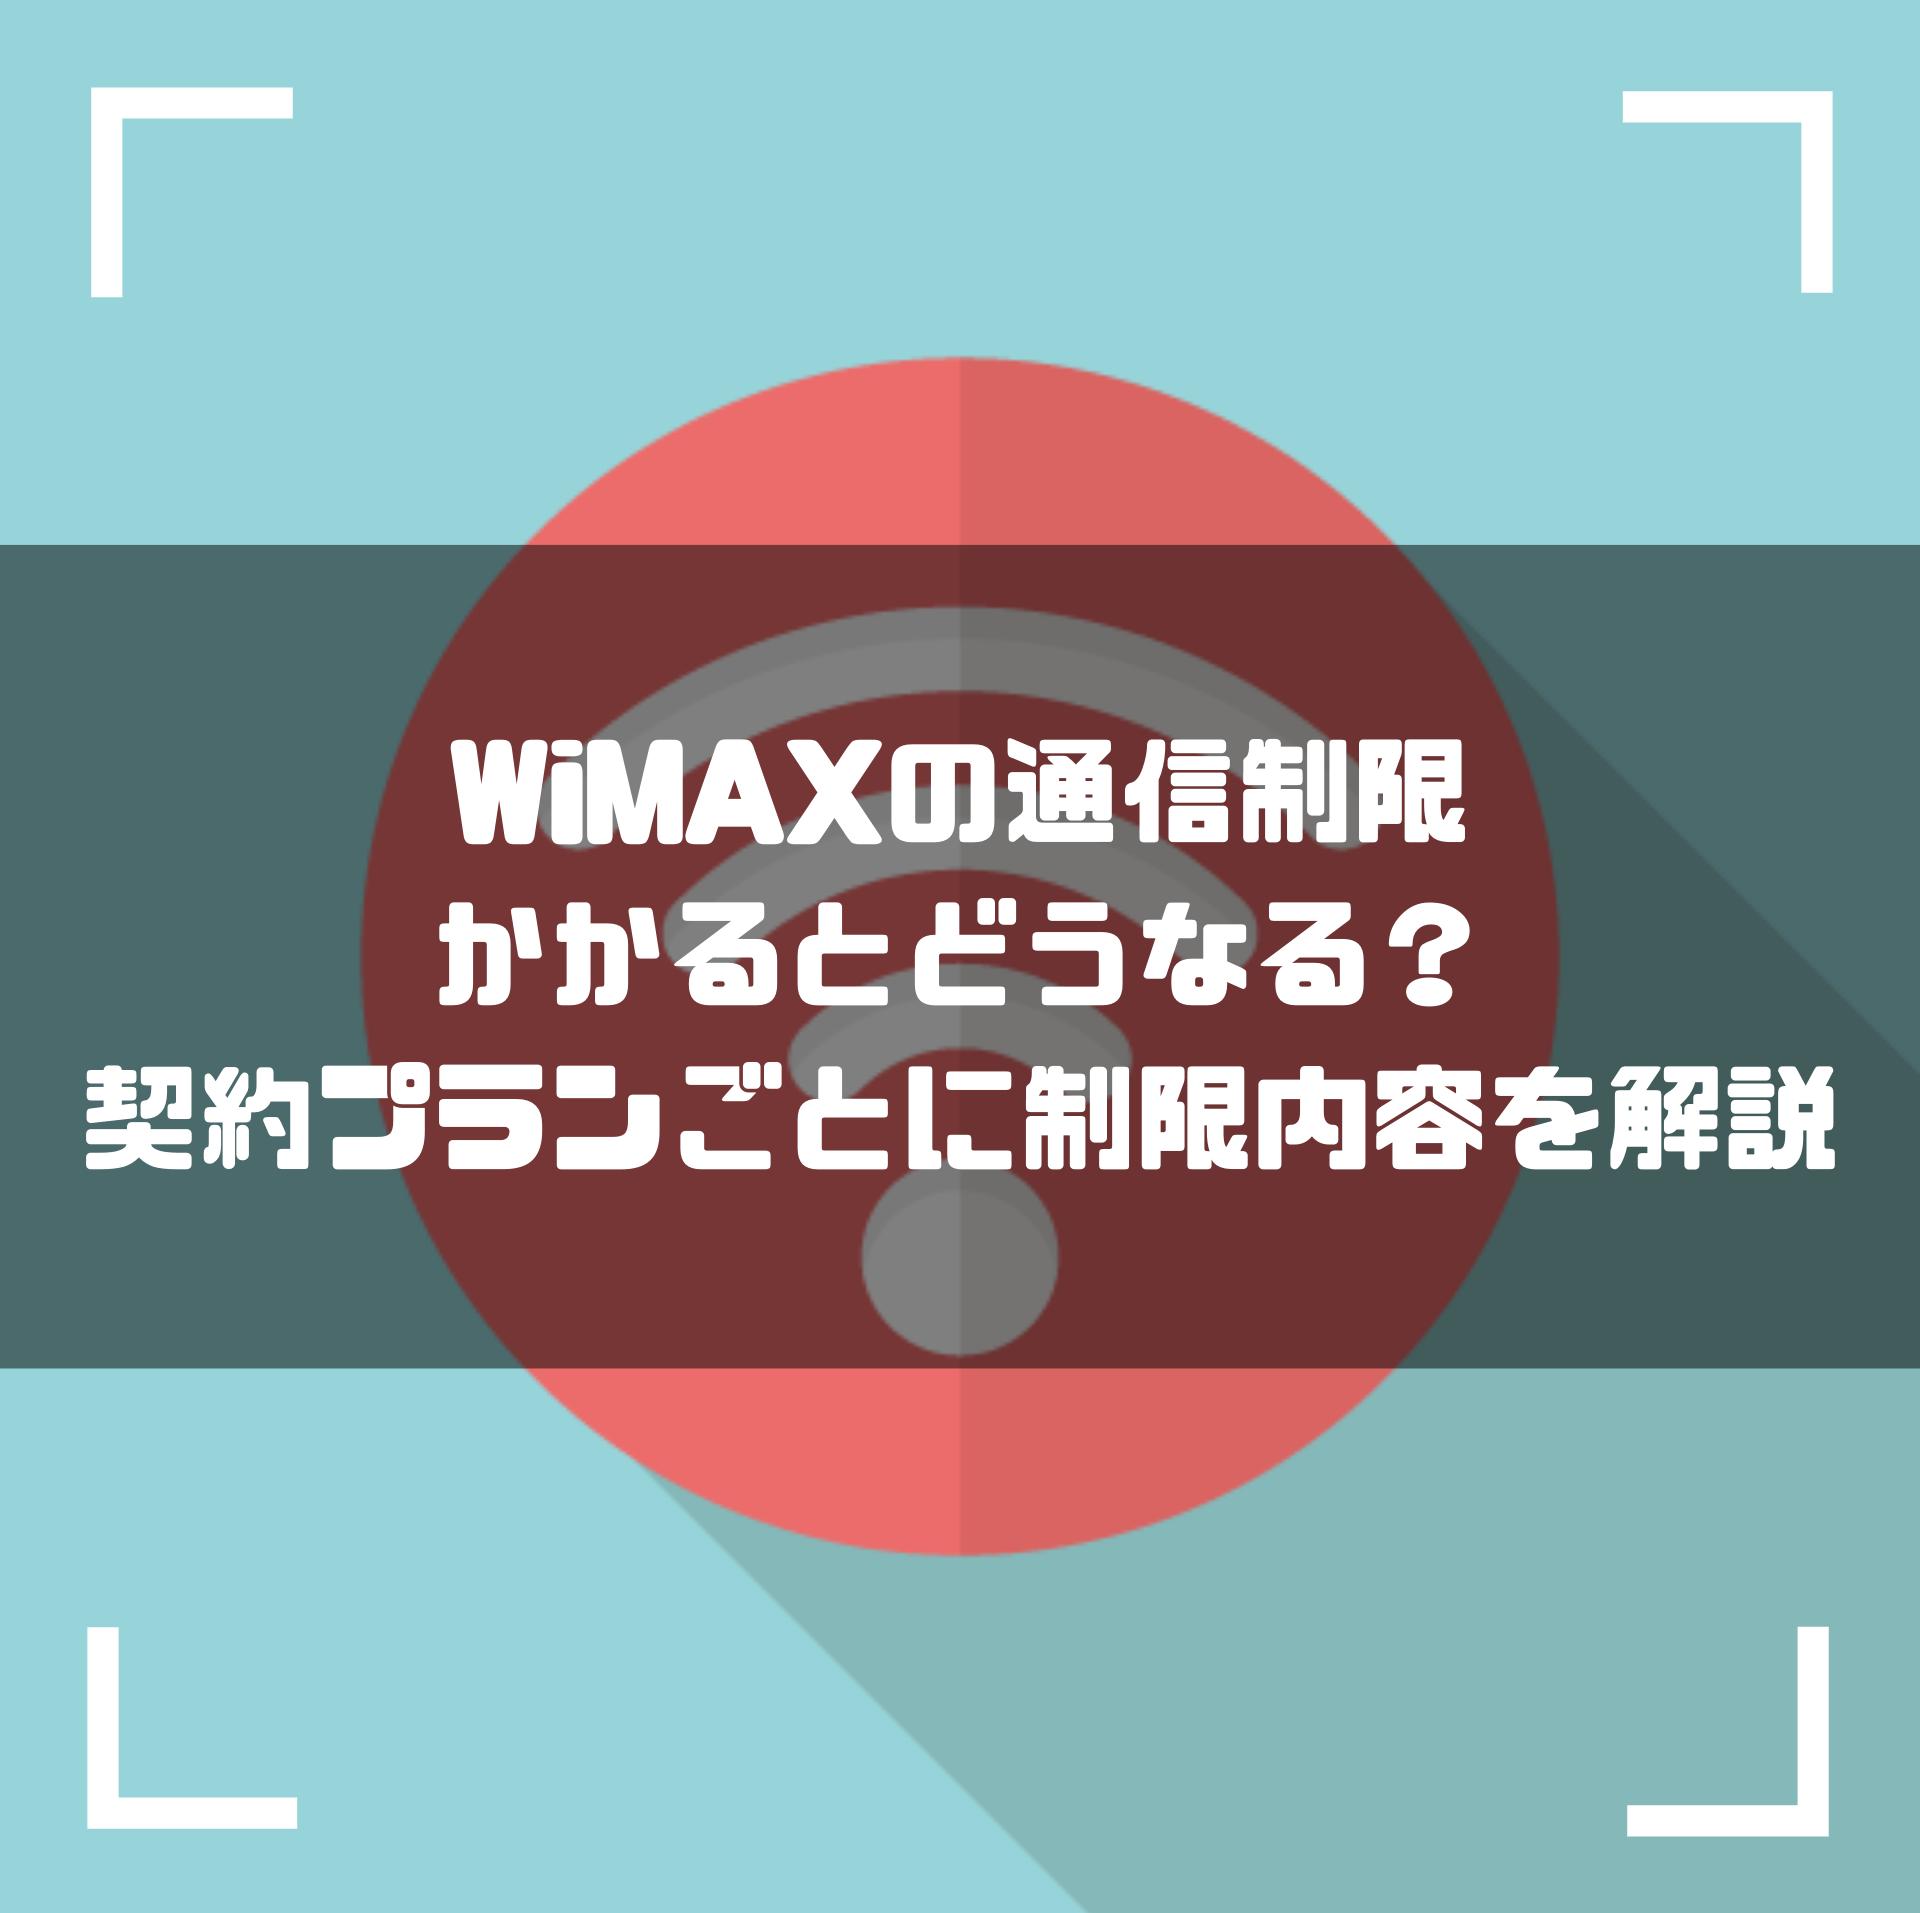 WiMAXの速度制限って?回避方法・解除方法、制限時の速度など徹底解説!